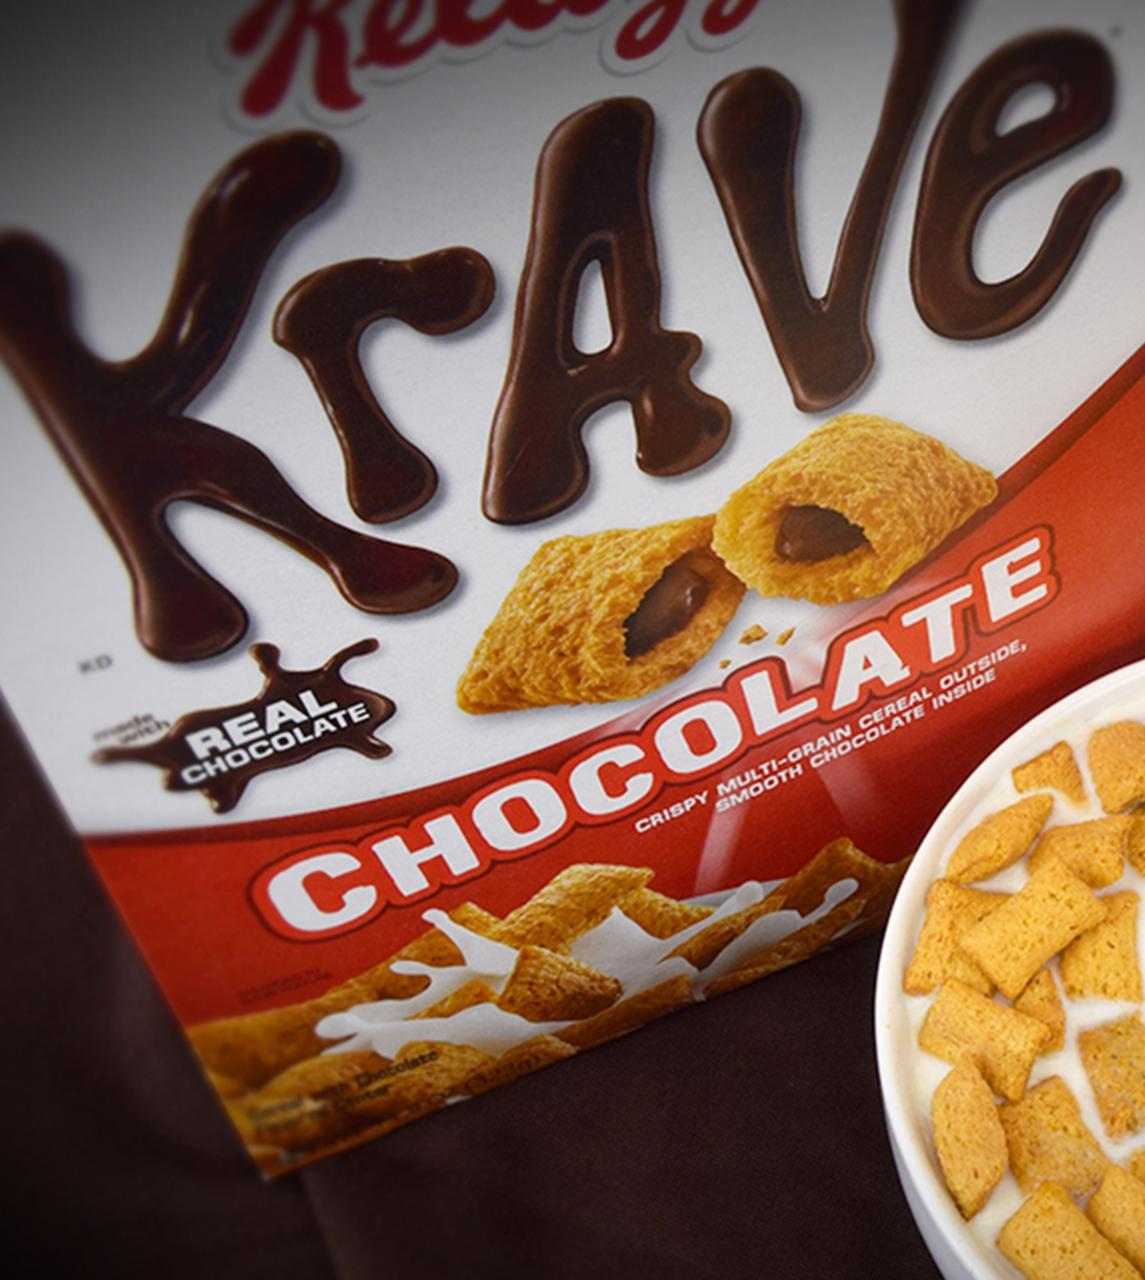 Project 9_Krave